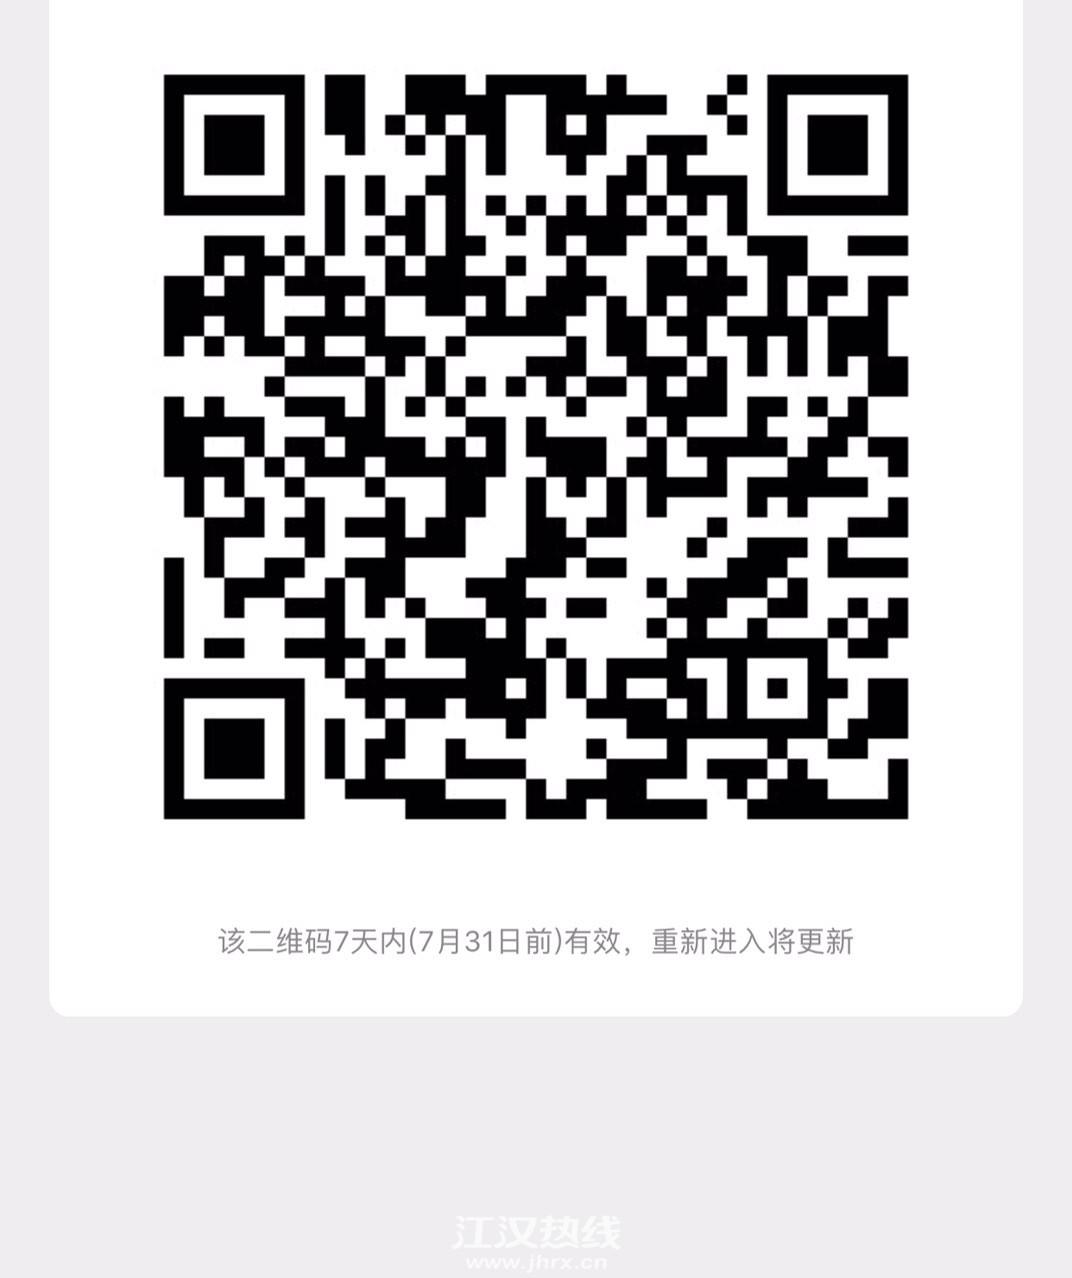 20190724431549156395884871249.jpg